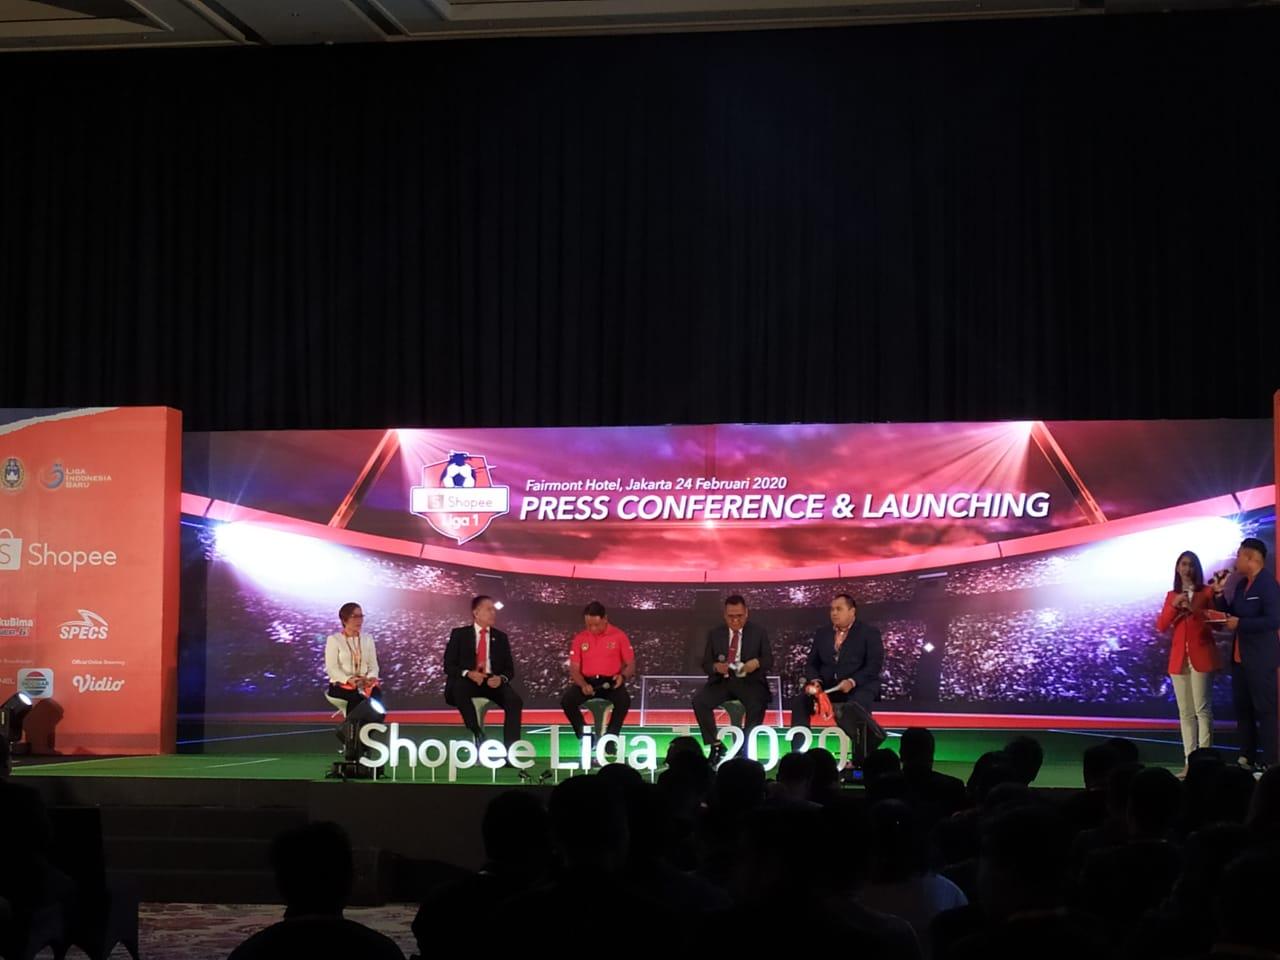 EMTEK tegaskan rincian hak siar eksklusif Shopee Liga 1 2020